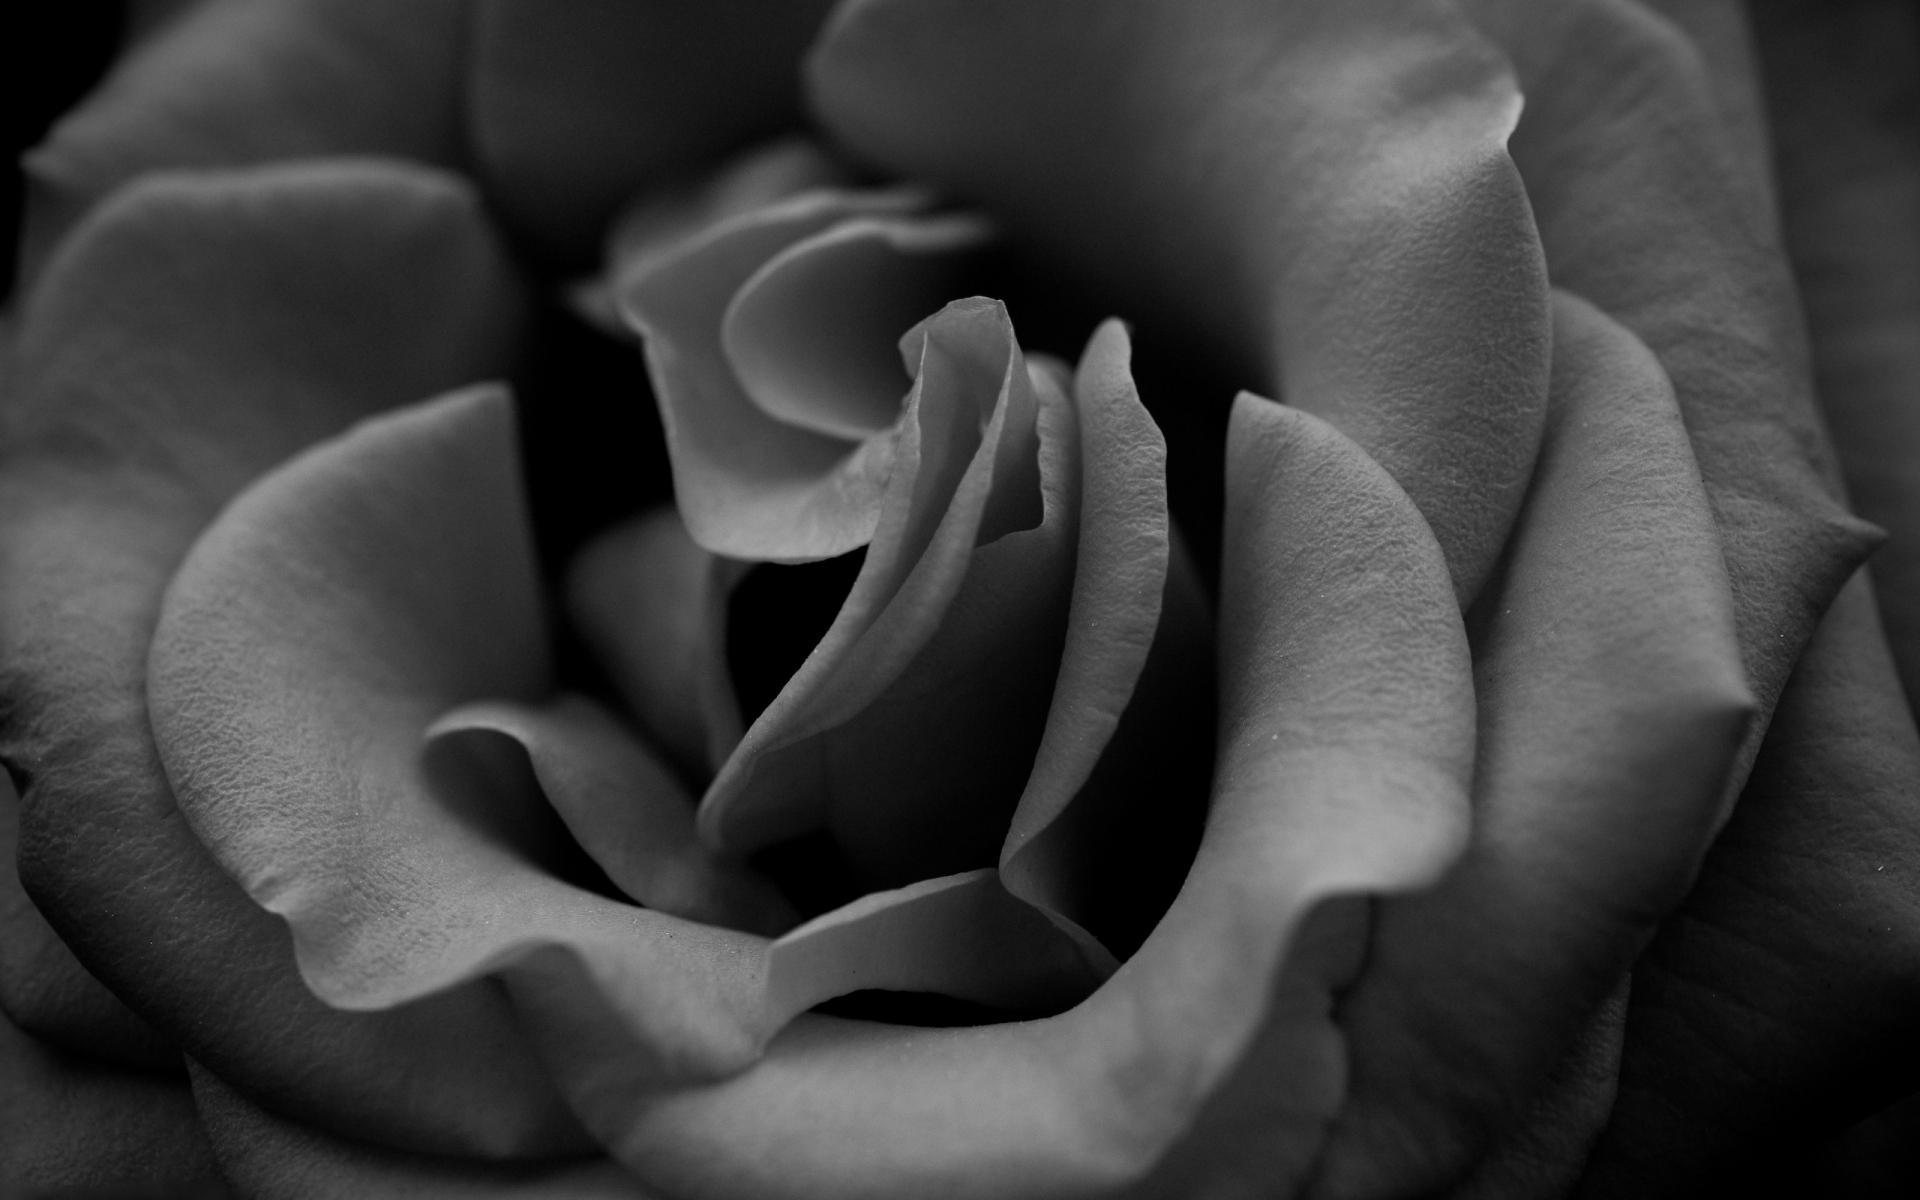 показывает розы черно белые фотографии помещался